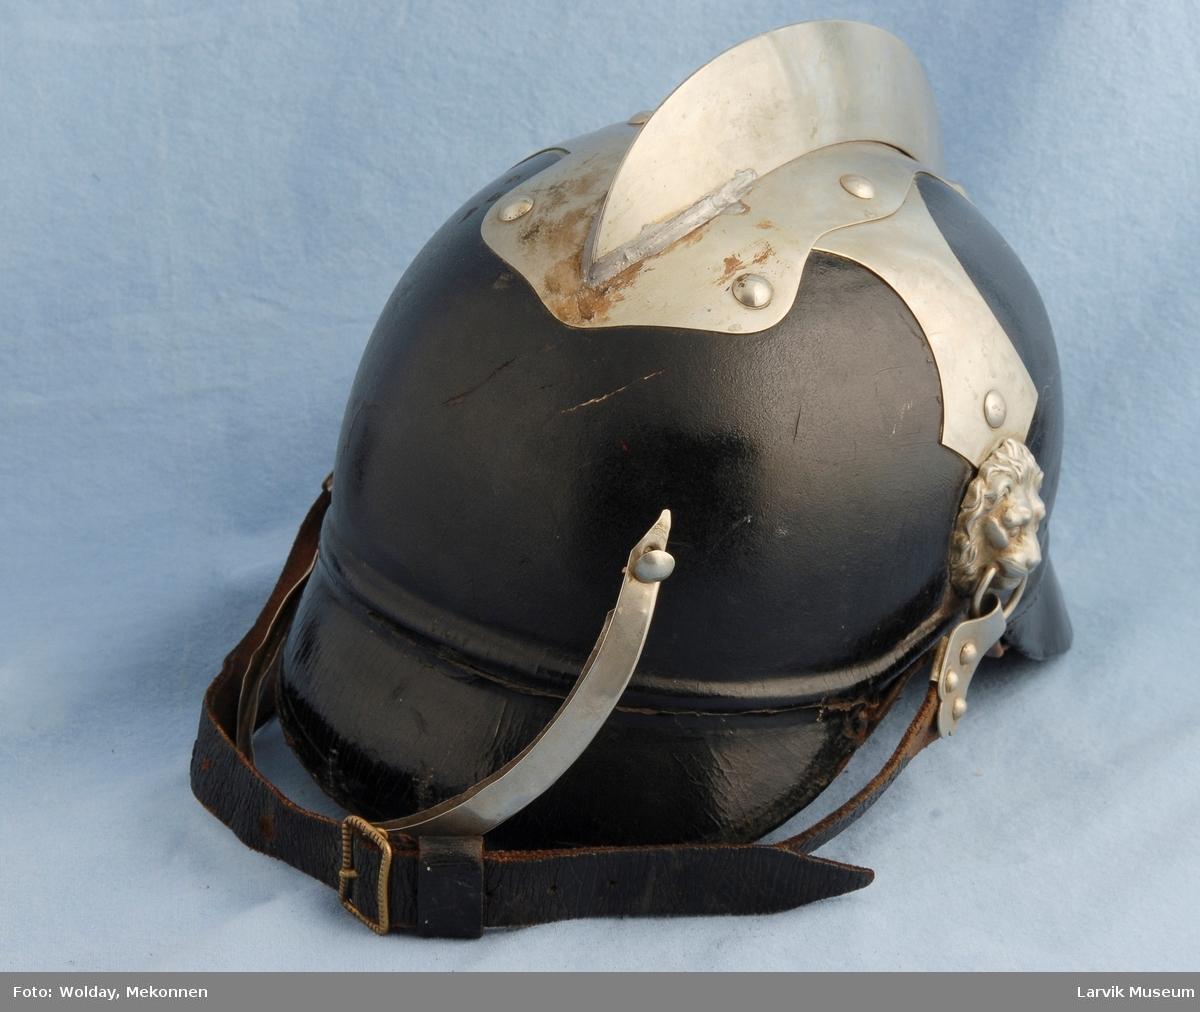 """Metall""""kam"""" over hjelmen i lengderetning, Løvehoder i metall for feste til hakerem, metallist på brem bak , bladformet beslag ved hakeremfestet"""